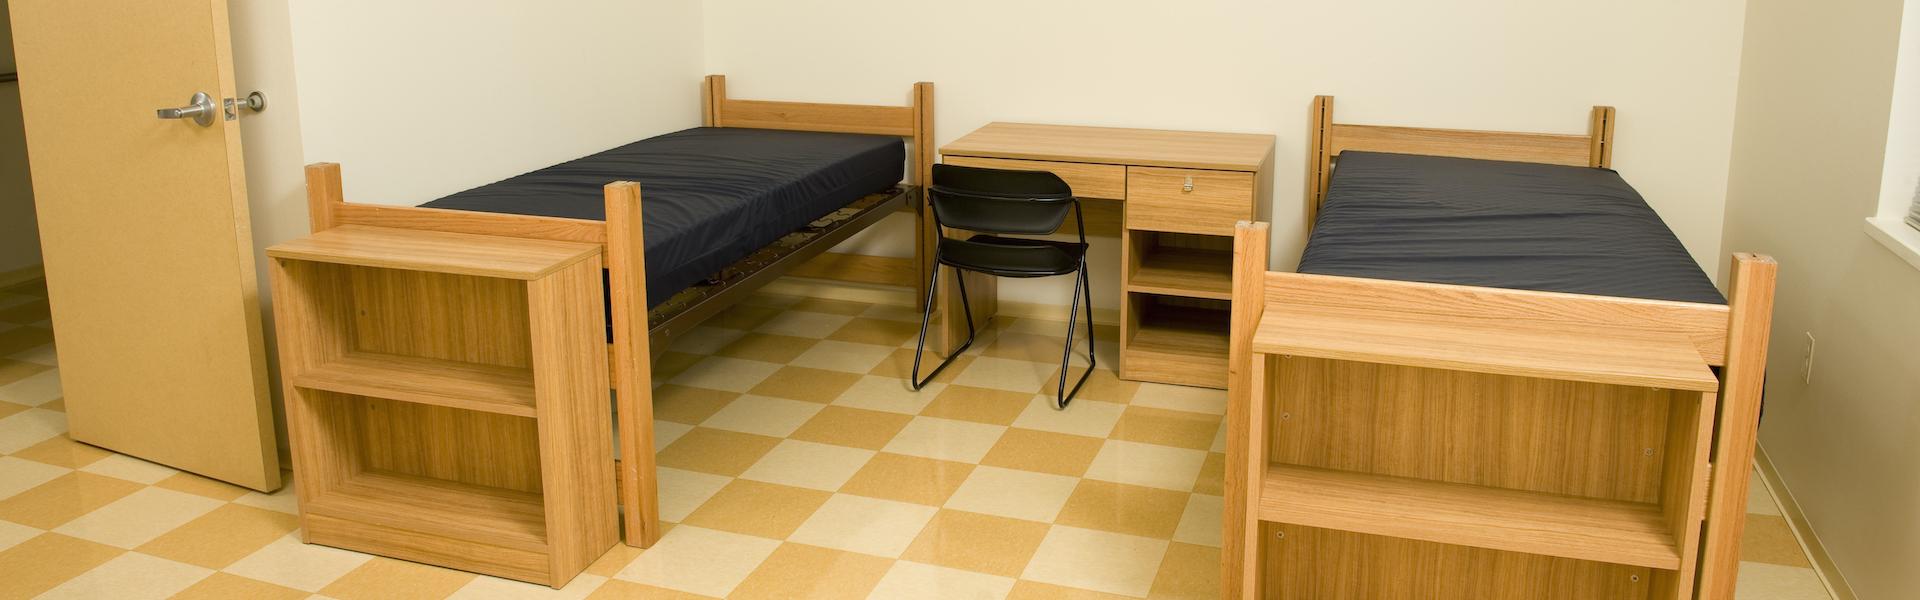 Empty college dorm room